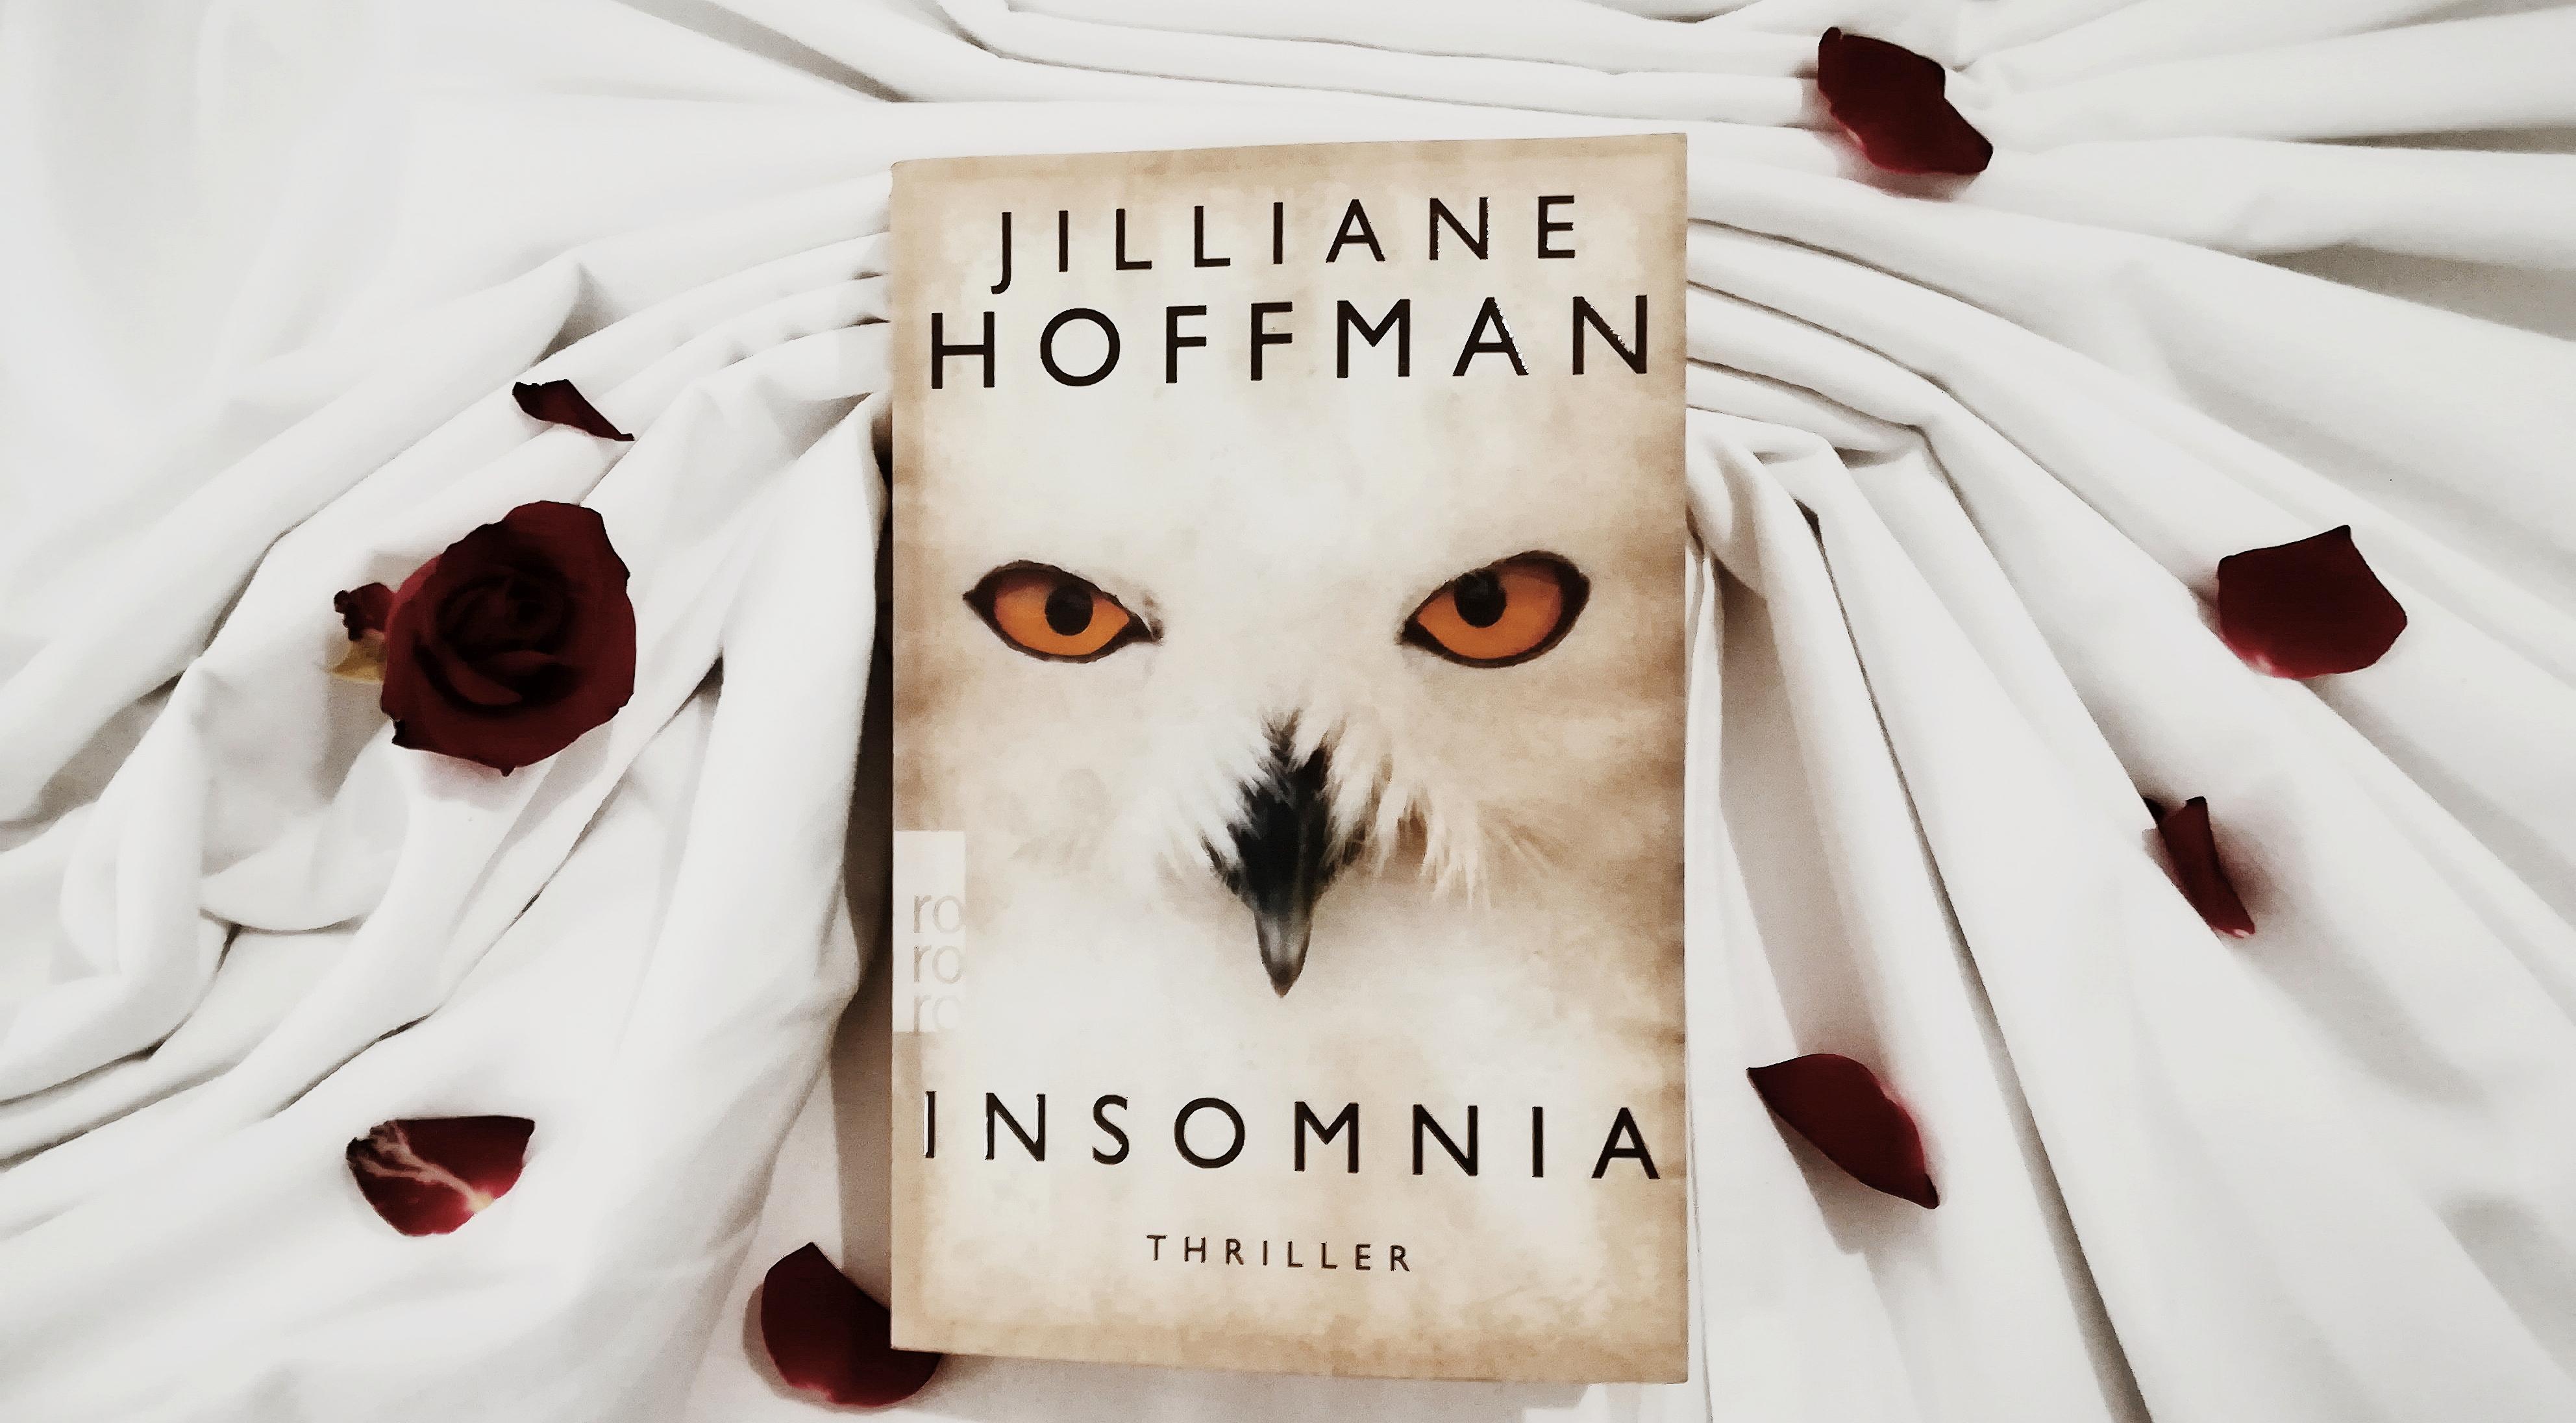 buch-rezension-insomnia-thriller-von-jilliane-hoffman